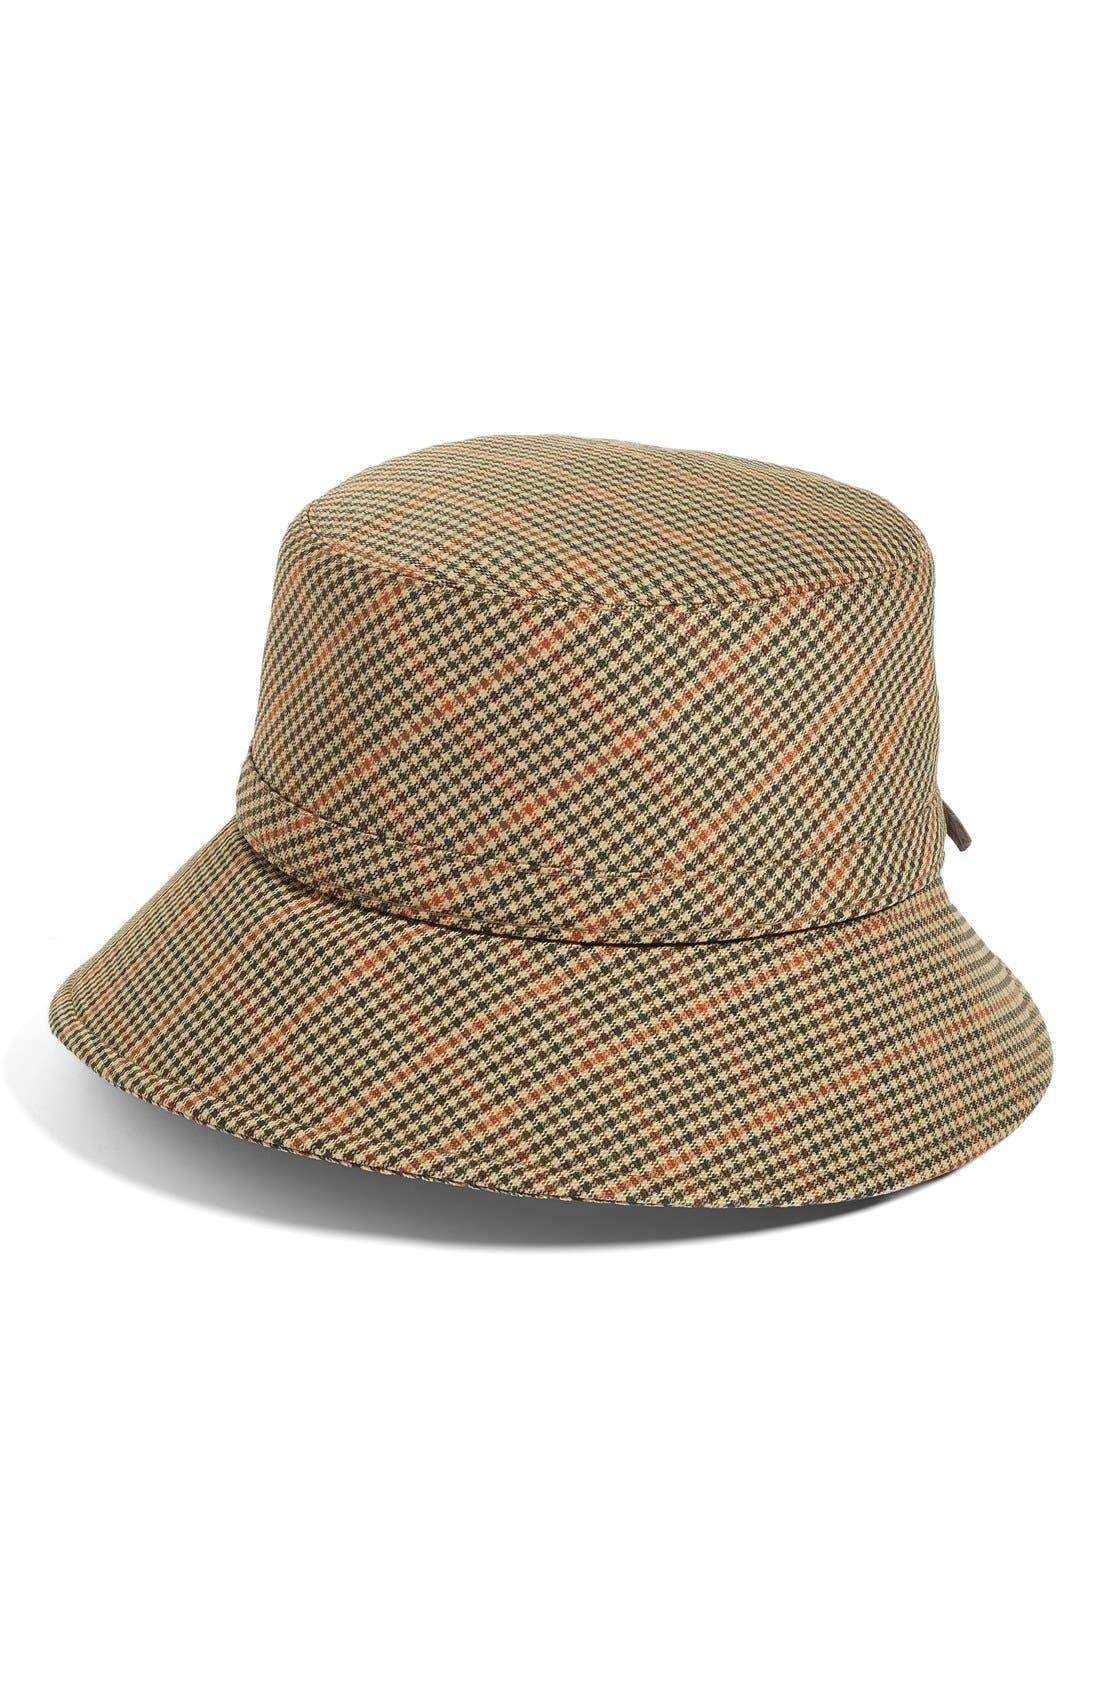 Main Image - Eric Javits Rain Bucket Hat